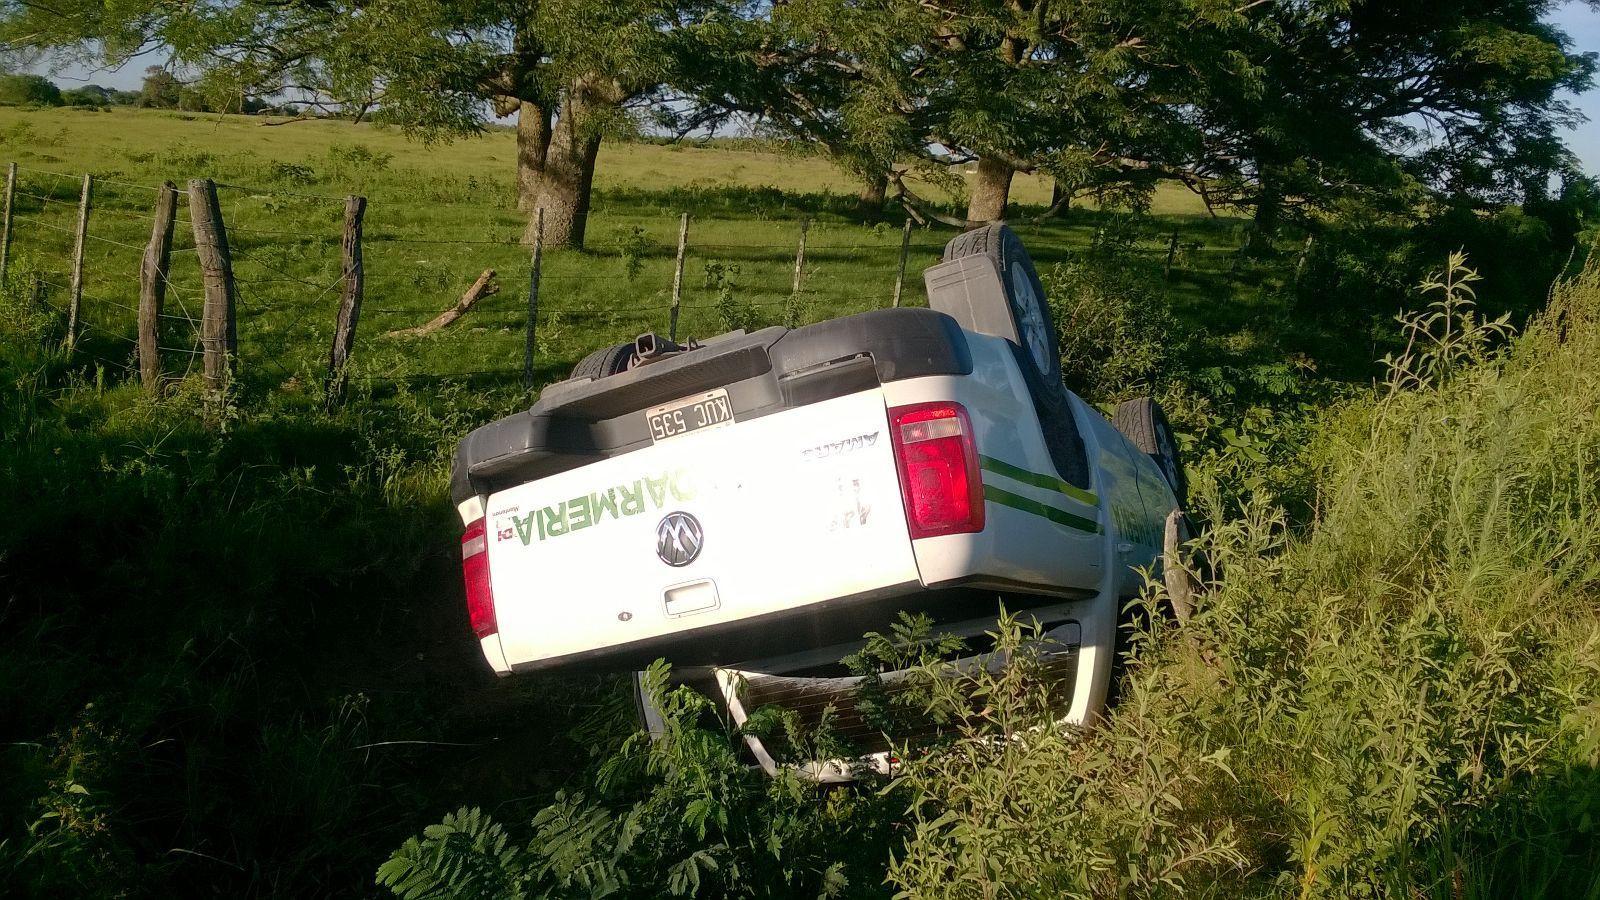 La camioneta en la que escapaban esta madrugada terminó volcada en un zanjón. Ese fue el principio del final. (Foto: DyN)